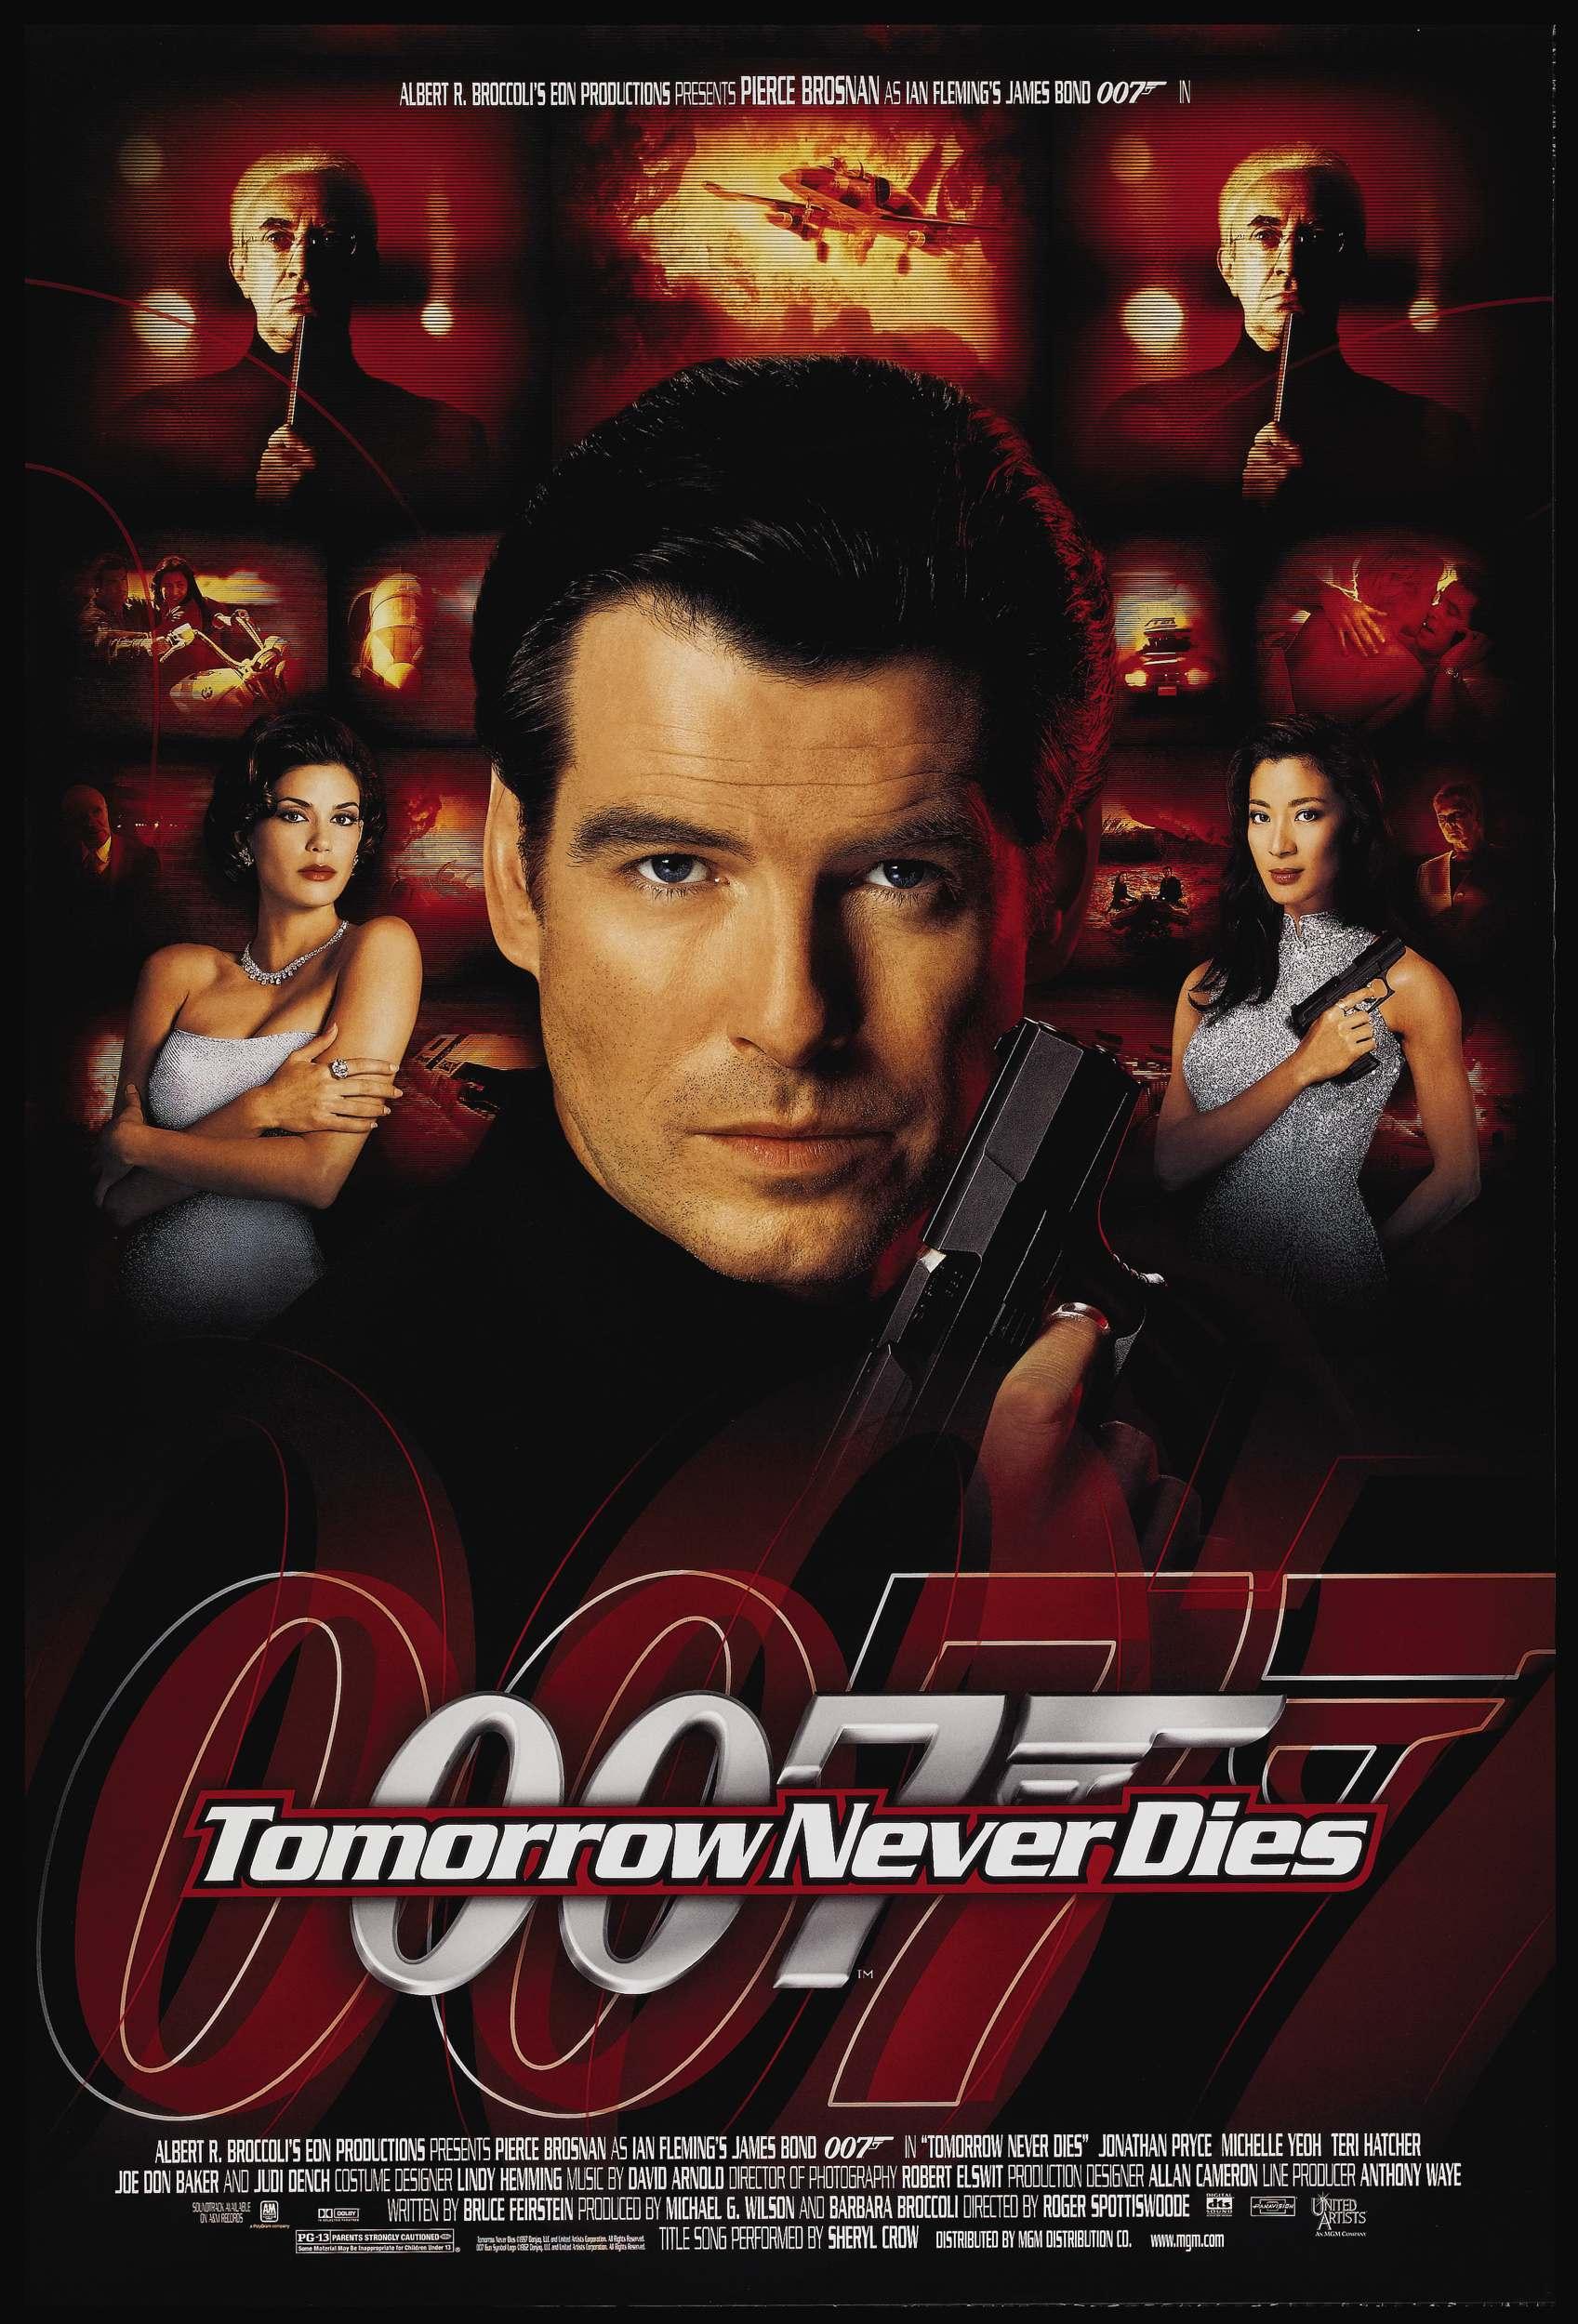 плакат фильма Завтра не умрет никогда